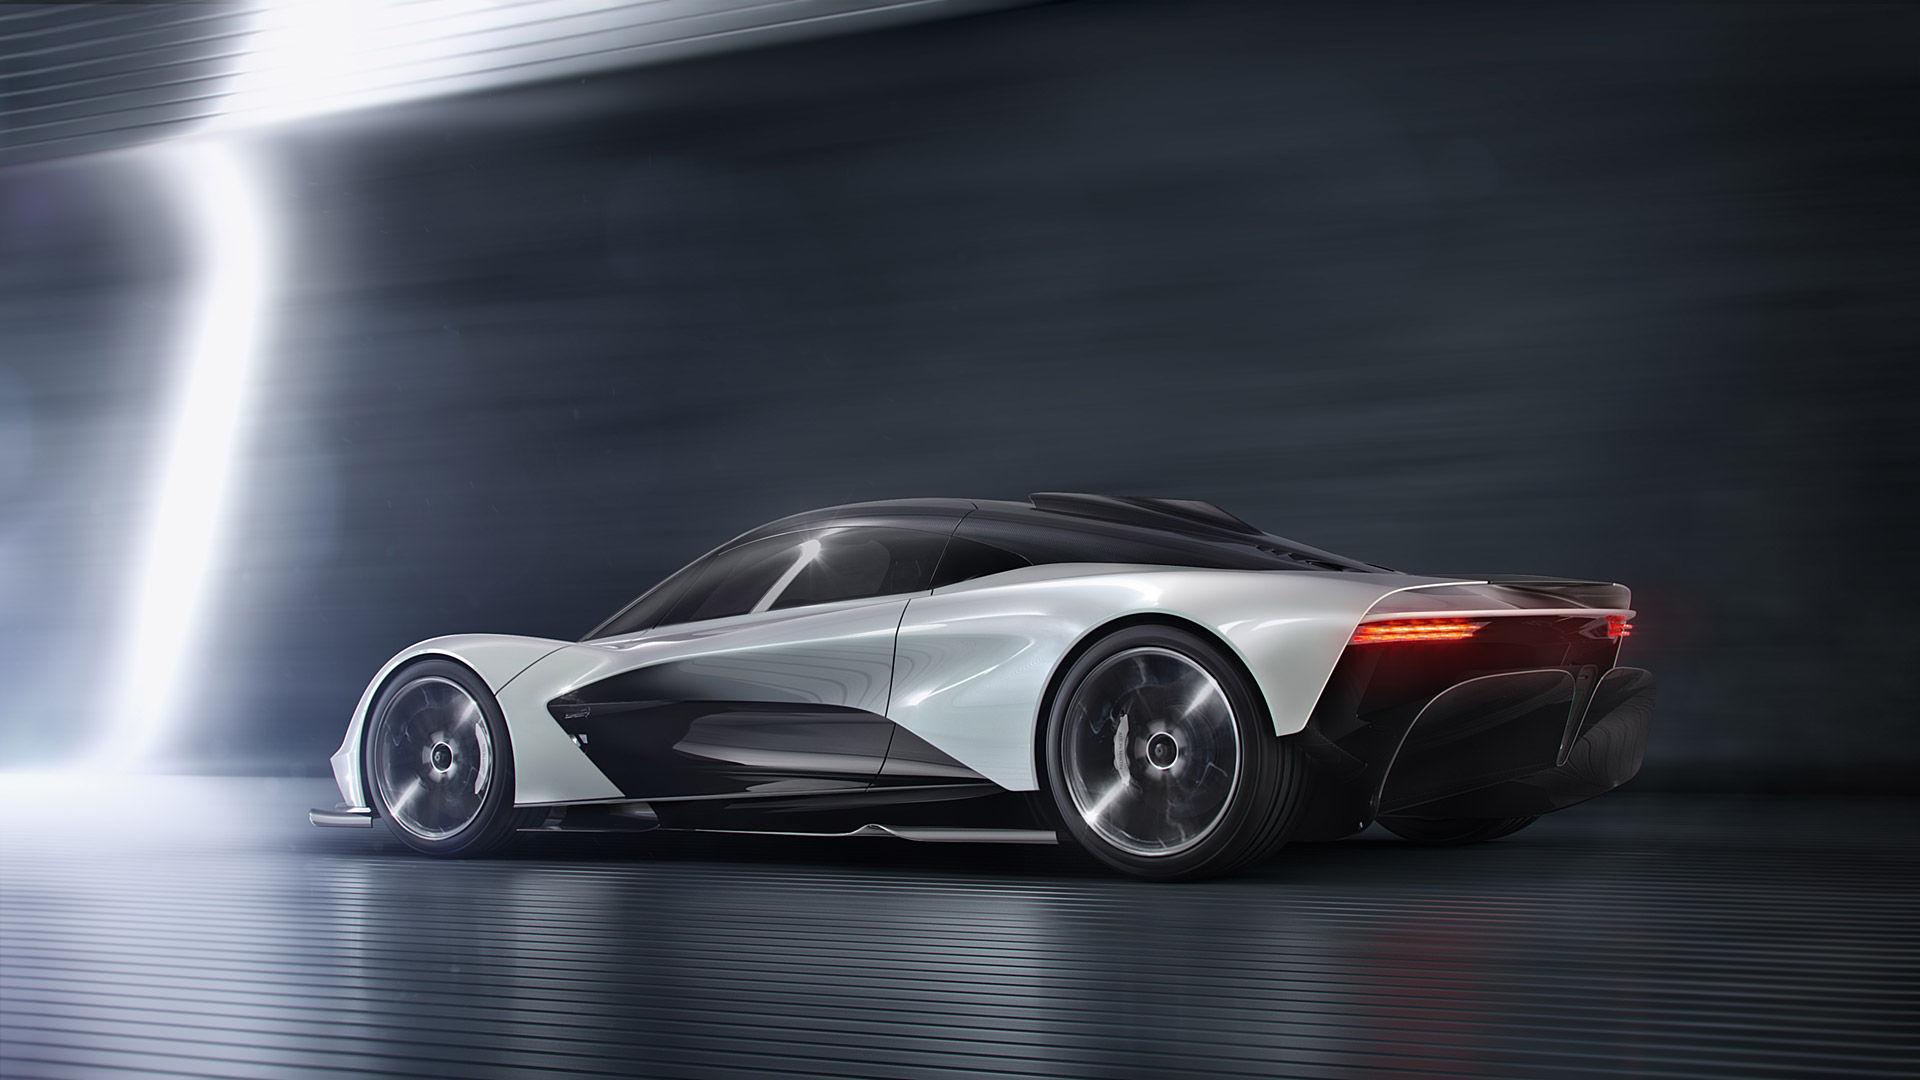 2019 Aston Martin AM-RB 003 Concept